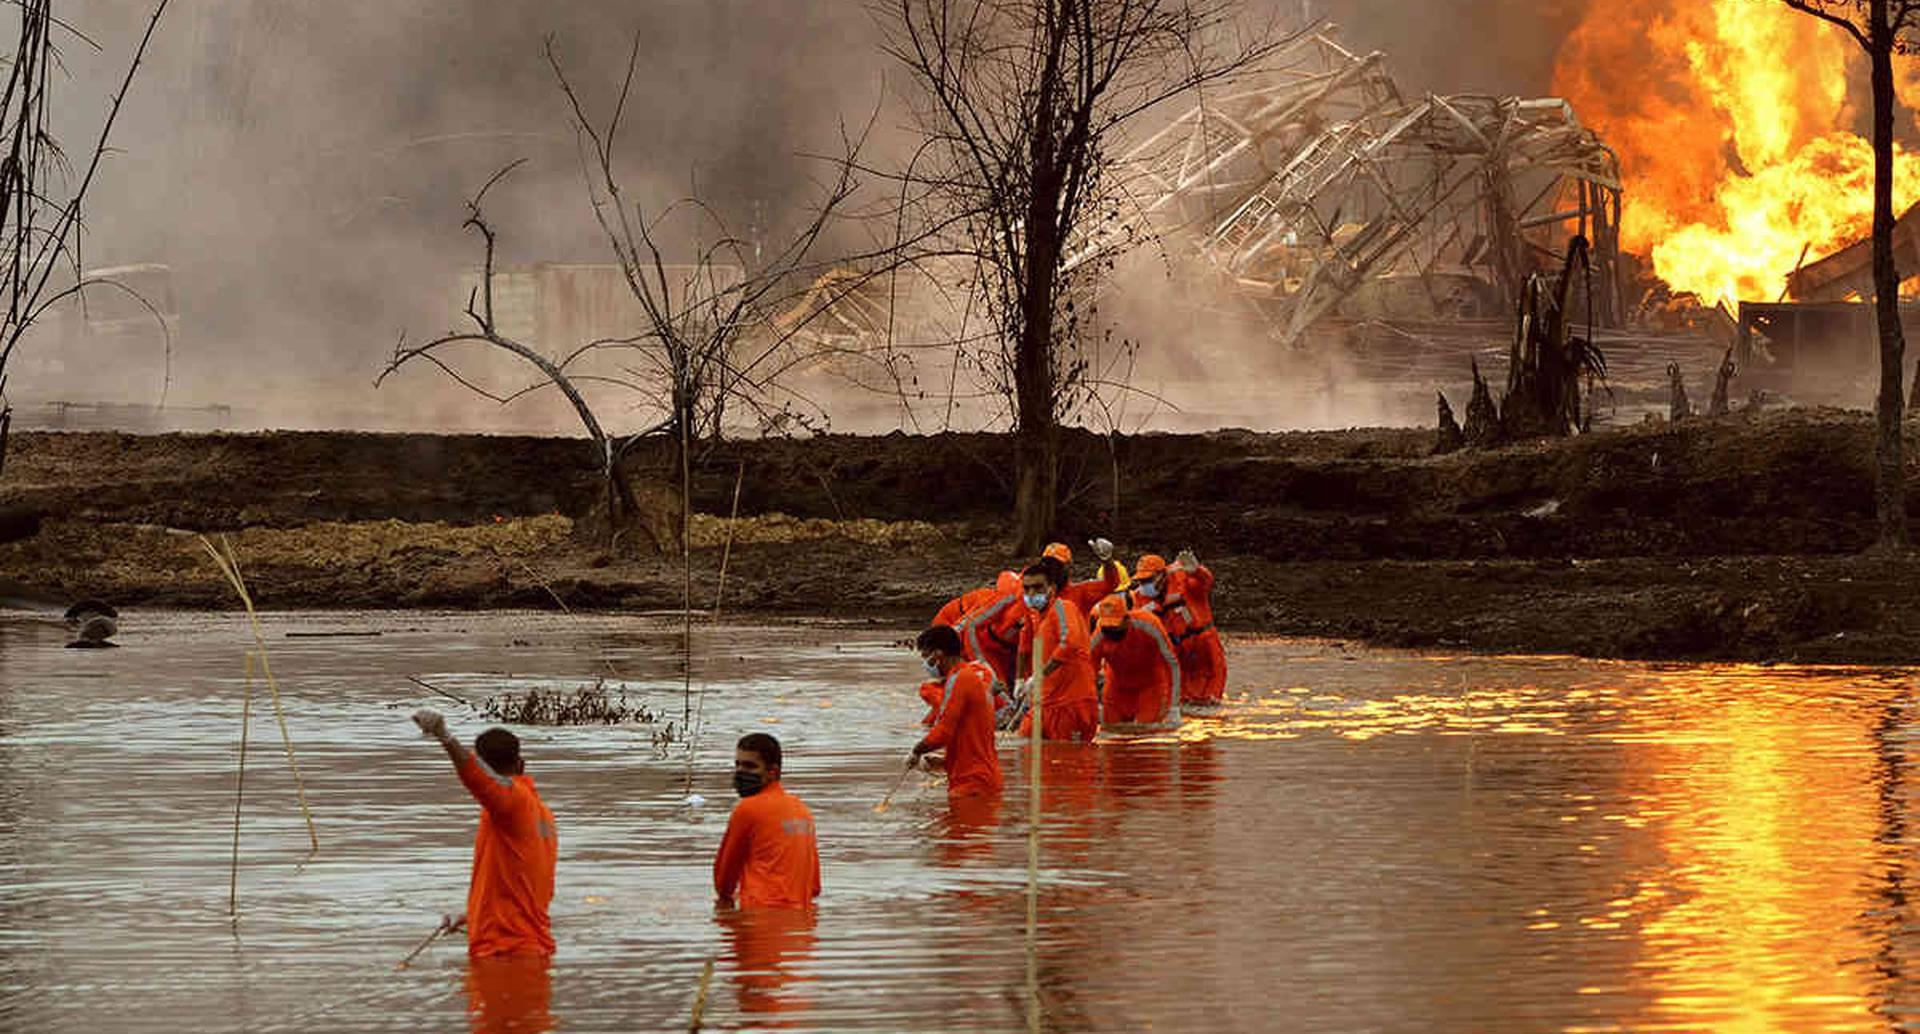 Personal de la Fuerza Nacional de Respuesta a Desastres de la India desarrolla una operación de rescate, luego de que un pozo de petróleo explotara en Baghjan, distrito de Tinsukia, en el noreste del Estado Assam, el 10 de junio. El incendio acabó con la vida de dos bomberos y obligó a casi 8.000 personas a abandonar sus hogares. Foto: Partha Sarathi Das/ AP